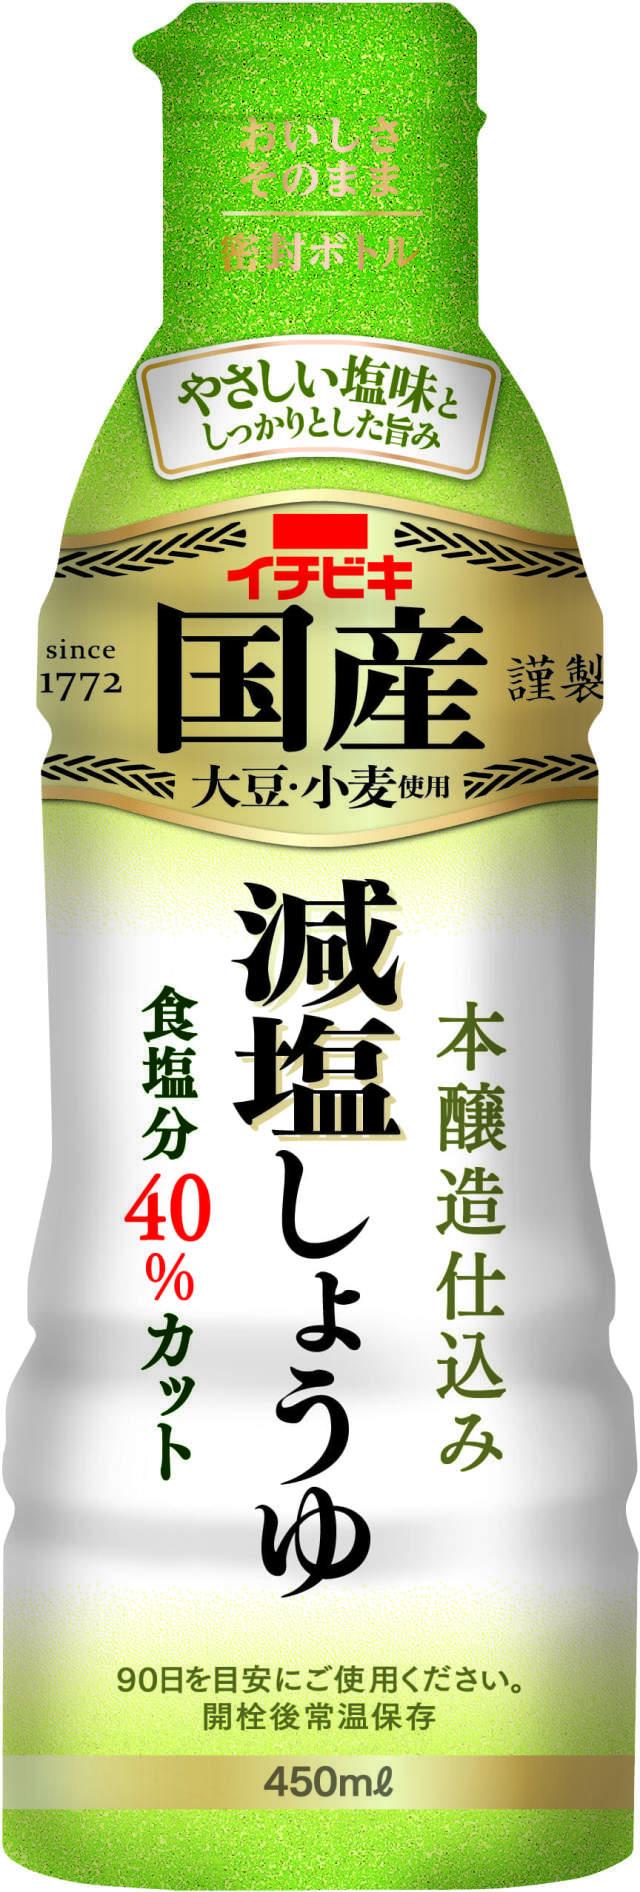 国産減塩しょうゆ 450ml 【10798減塩国産しょうゆ450mlからのリニューアル品】